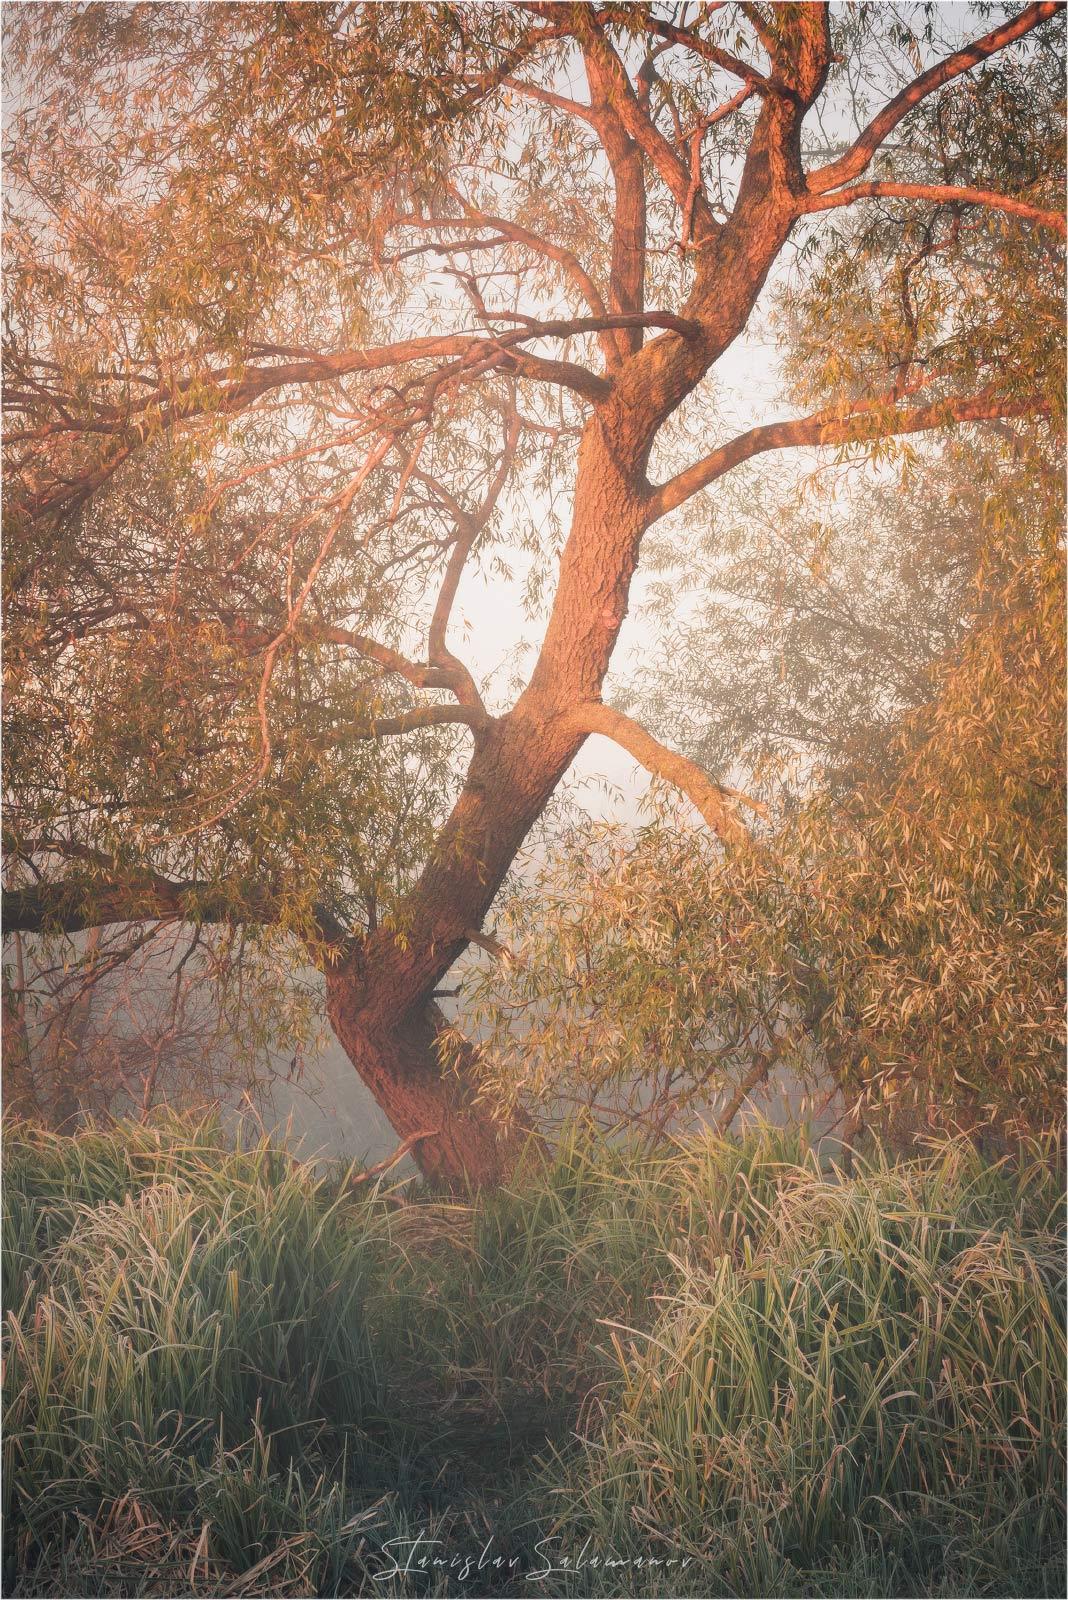 утро, рассвет, туман, осень, осенняя, осенняя пора, пейзаж, дерево, река, Станислав Саламанов